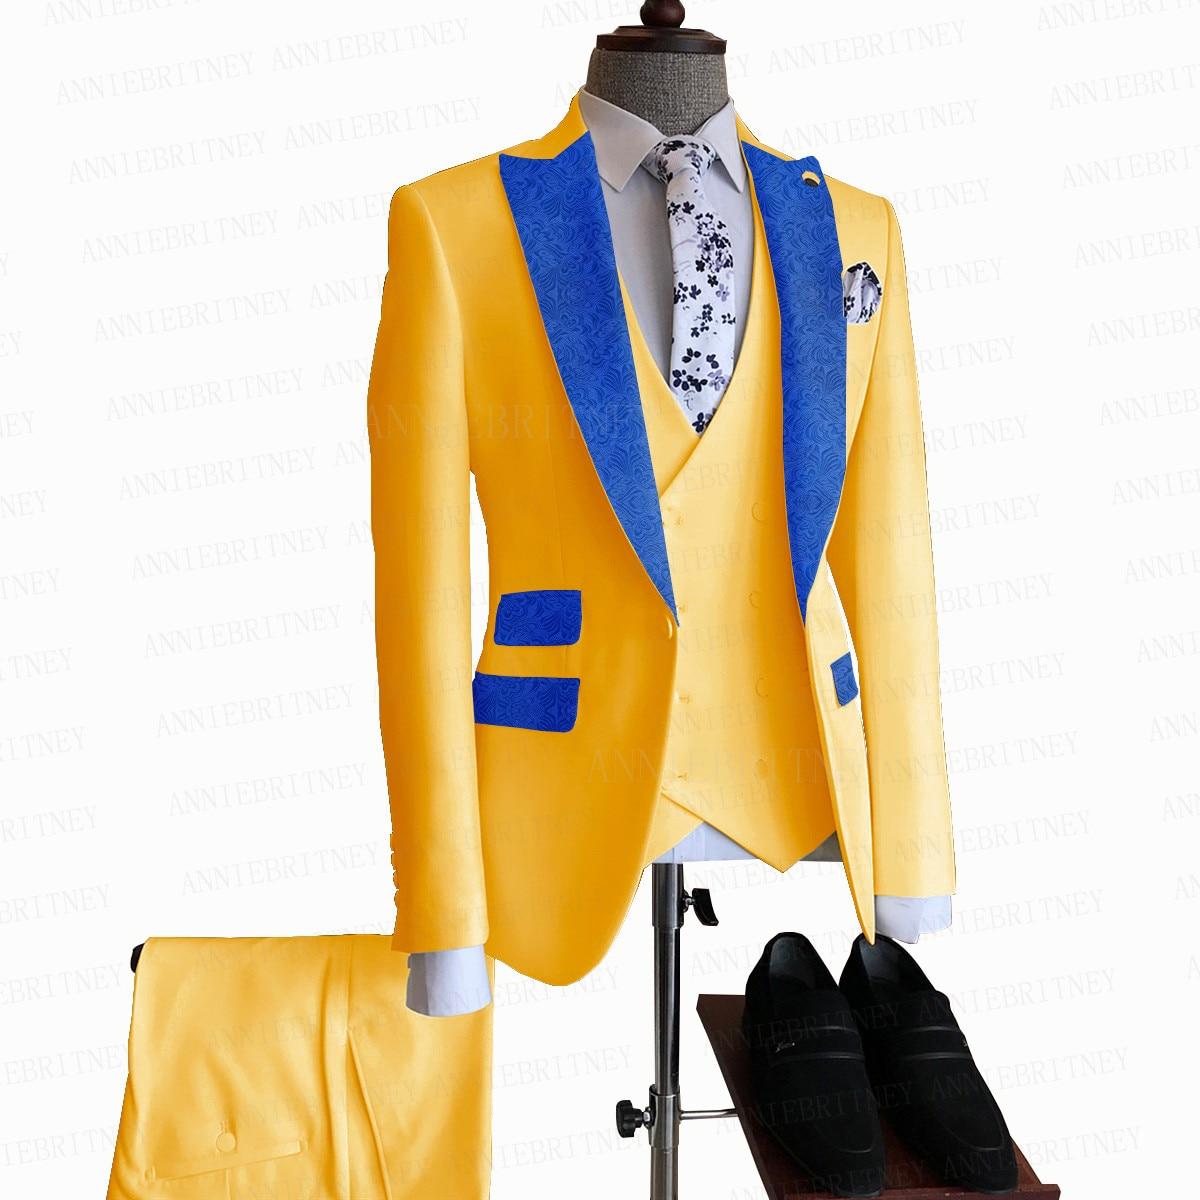 بدلة رجالية صفراء ، نحيفة ، مخصصة ، زفاف ، حفلة موسيقية ، سترة مزدوجة الصدر ، سترة وسراويل ، فستان عشاء ، طقم سهرة ، موضة 2021